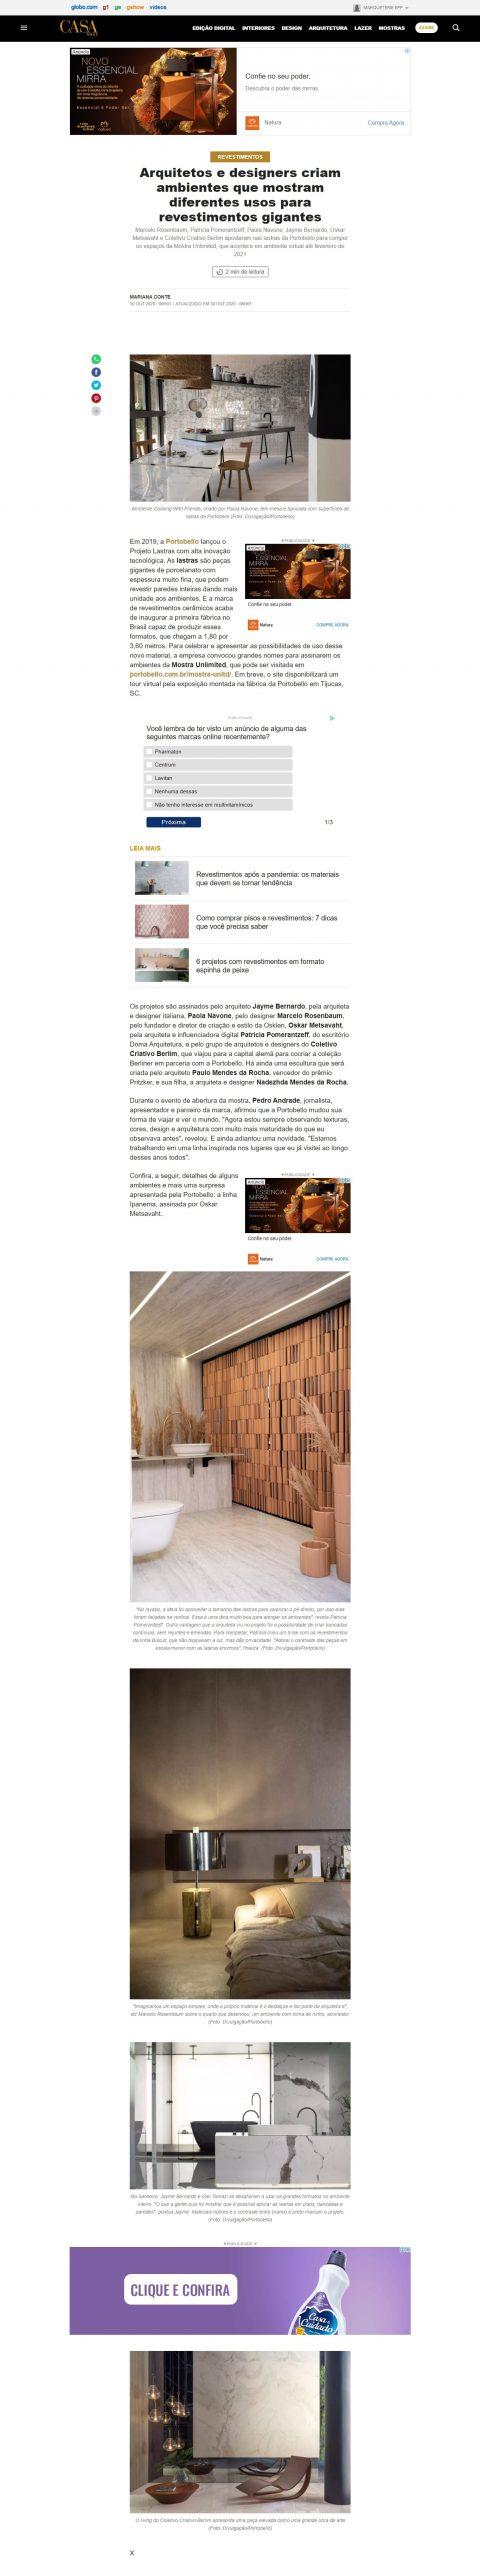 30.10.20_Casa Vogue_Mostra Unlimited